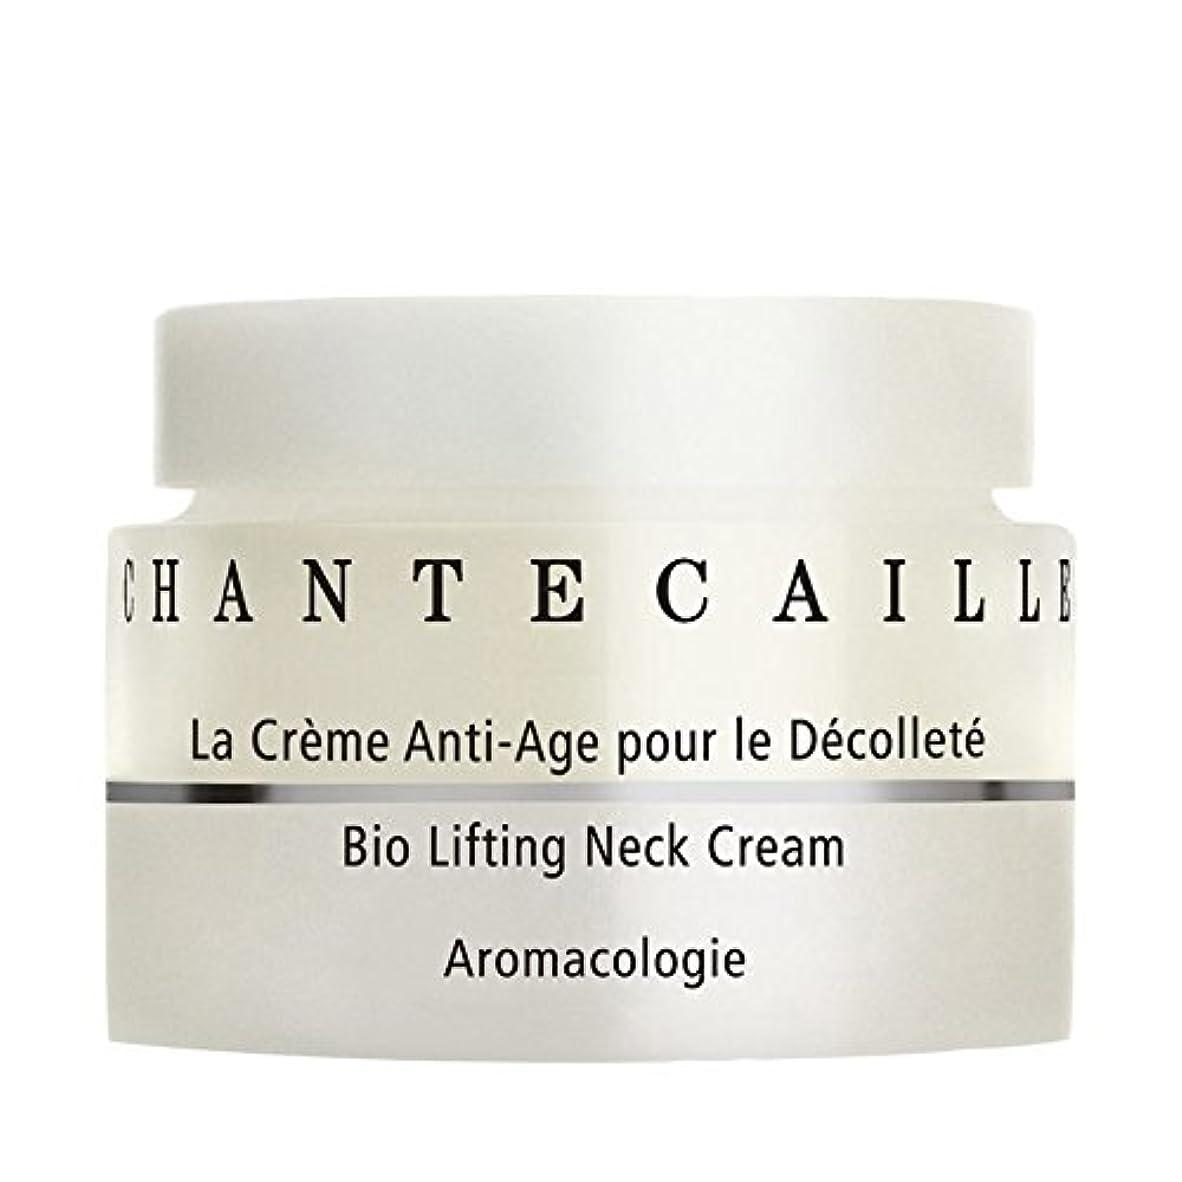 パウダー静的巻き取りChantecaille Biodynamic Lifting Neck Cream, Chantecaille - シャンテカイユバイオダイナミックリフティングネッククリーム、シャンテカイユ [並行輸入品]